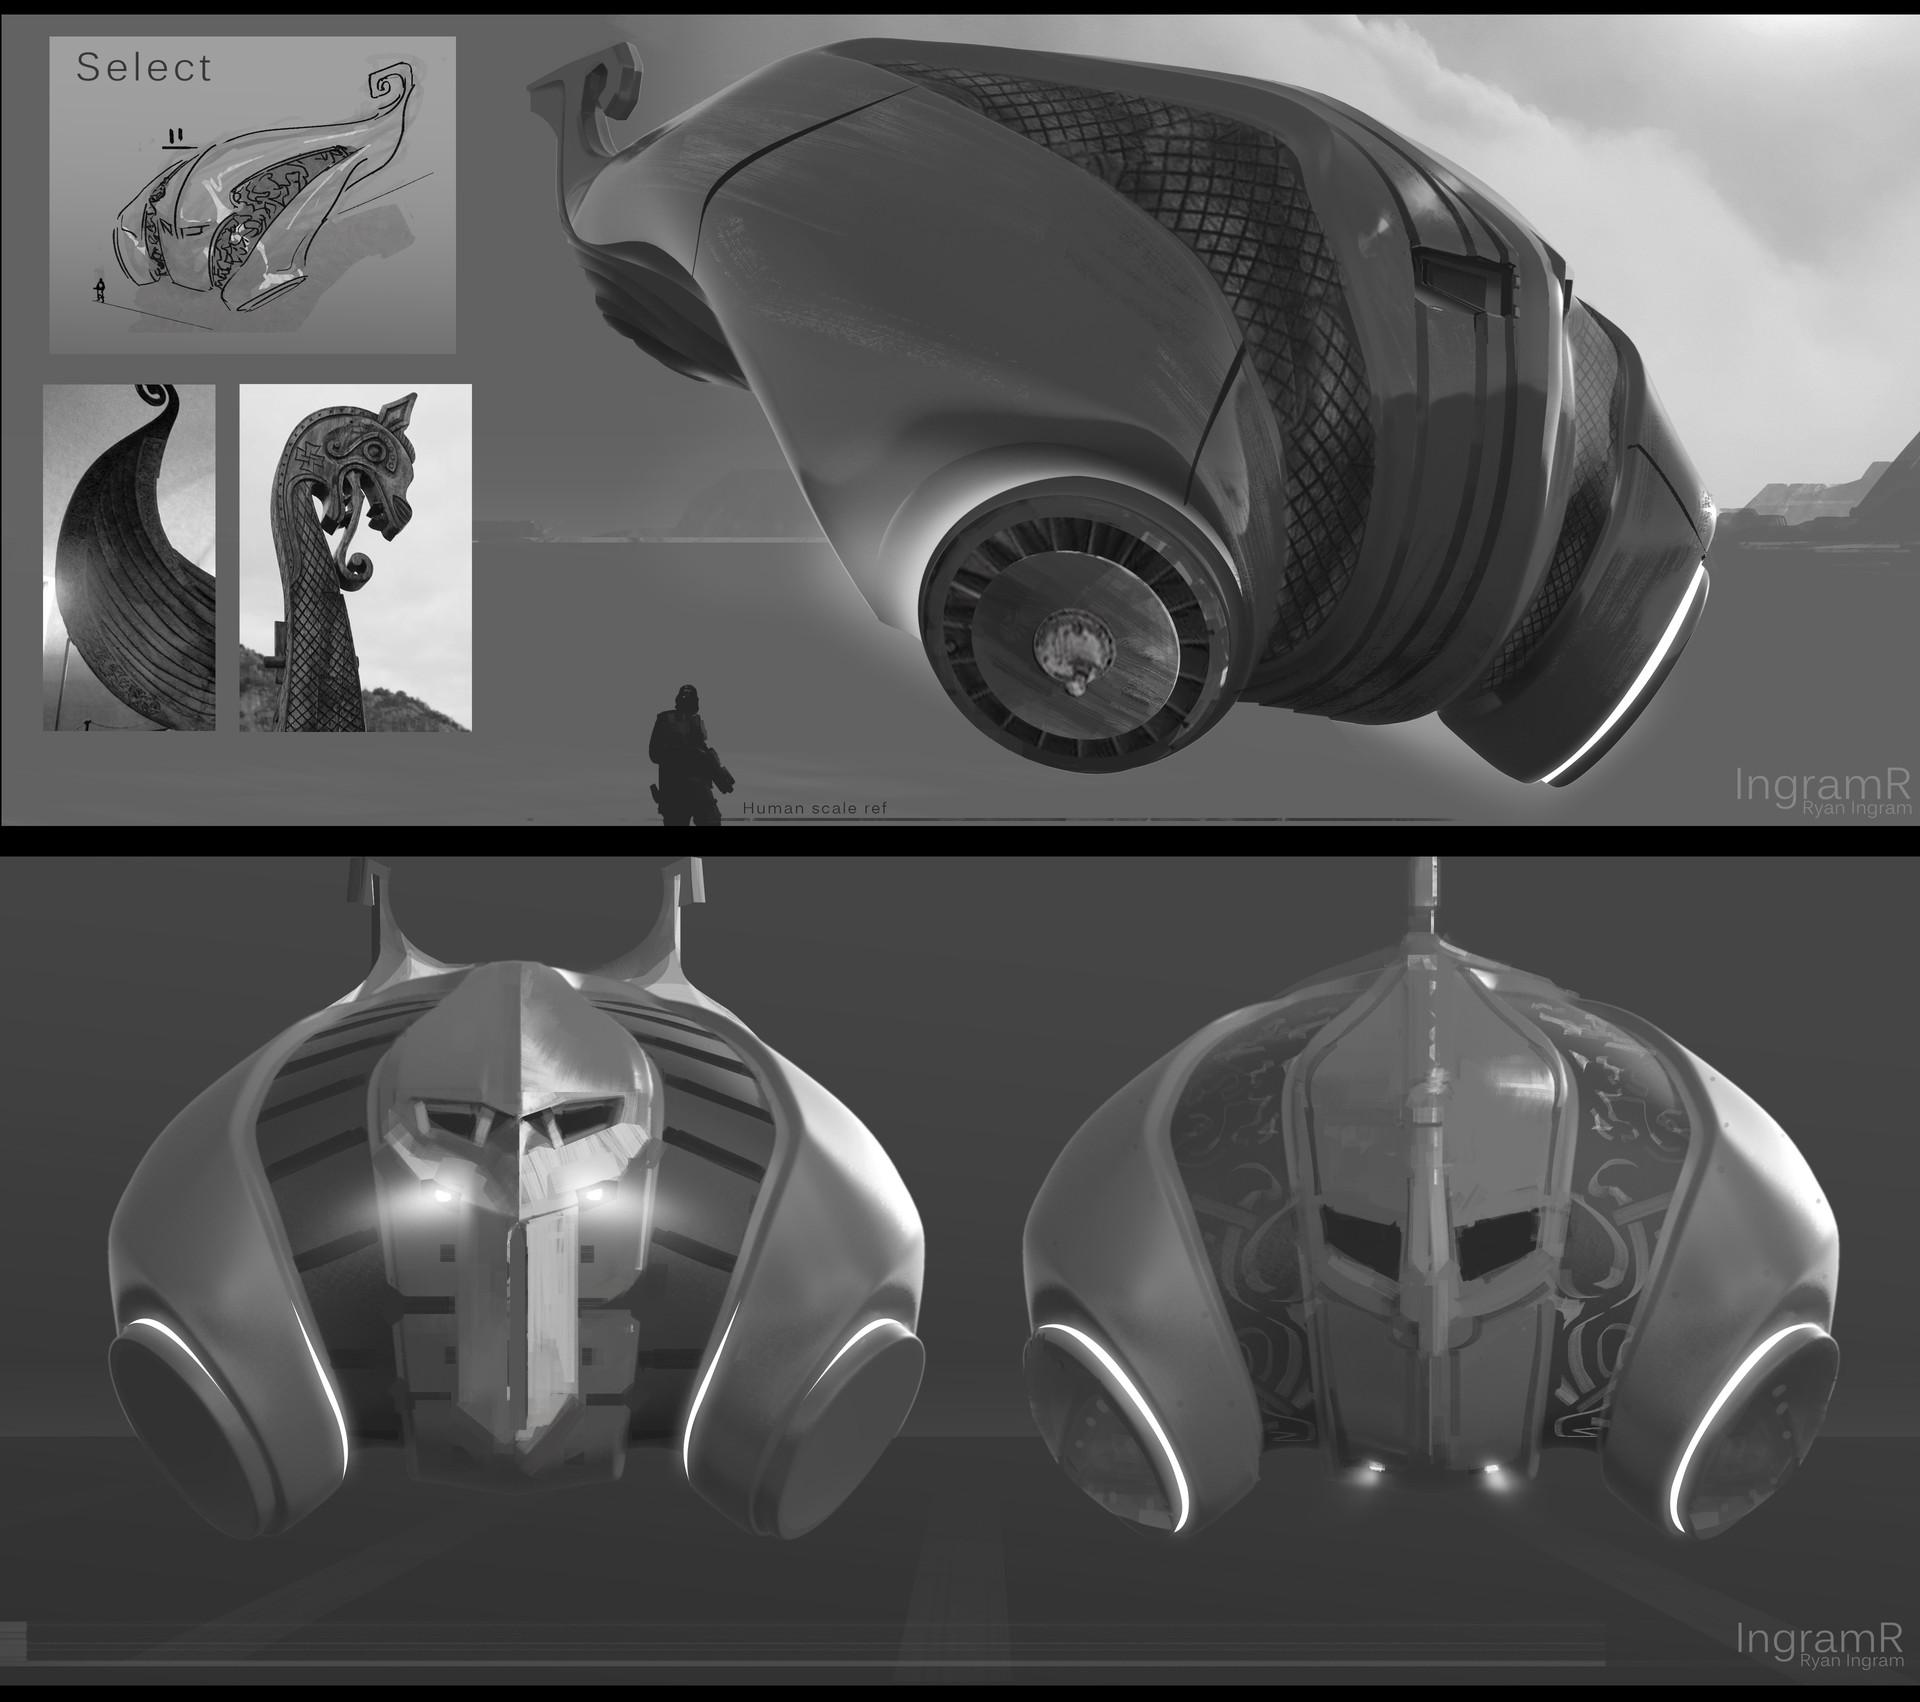 Ryan Ingram Norse Sci Fi Ship Design